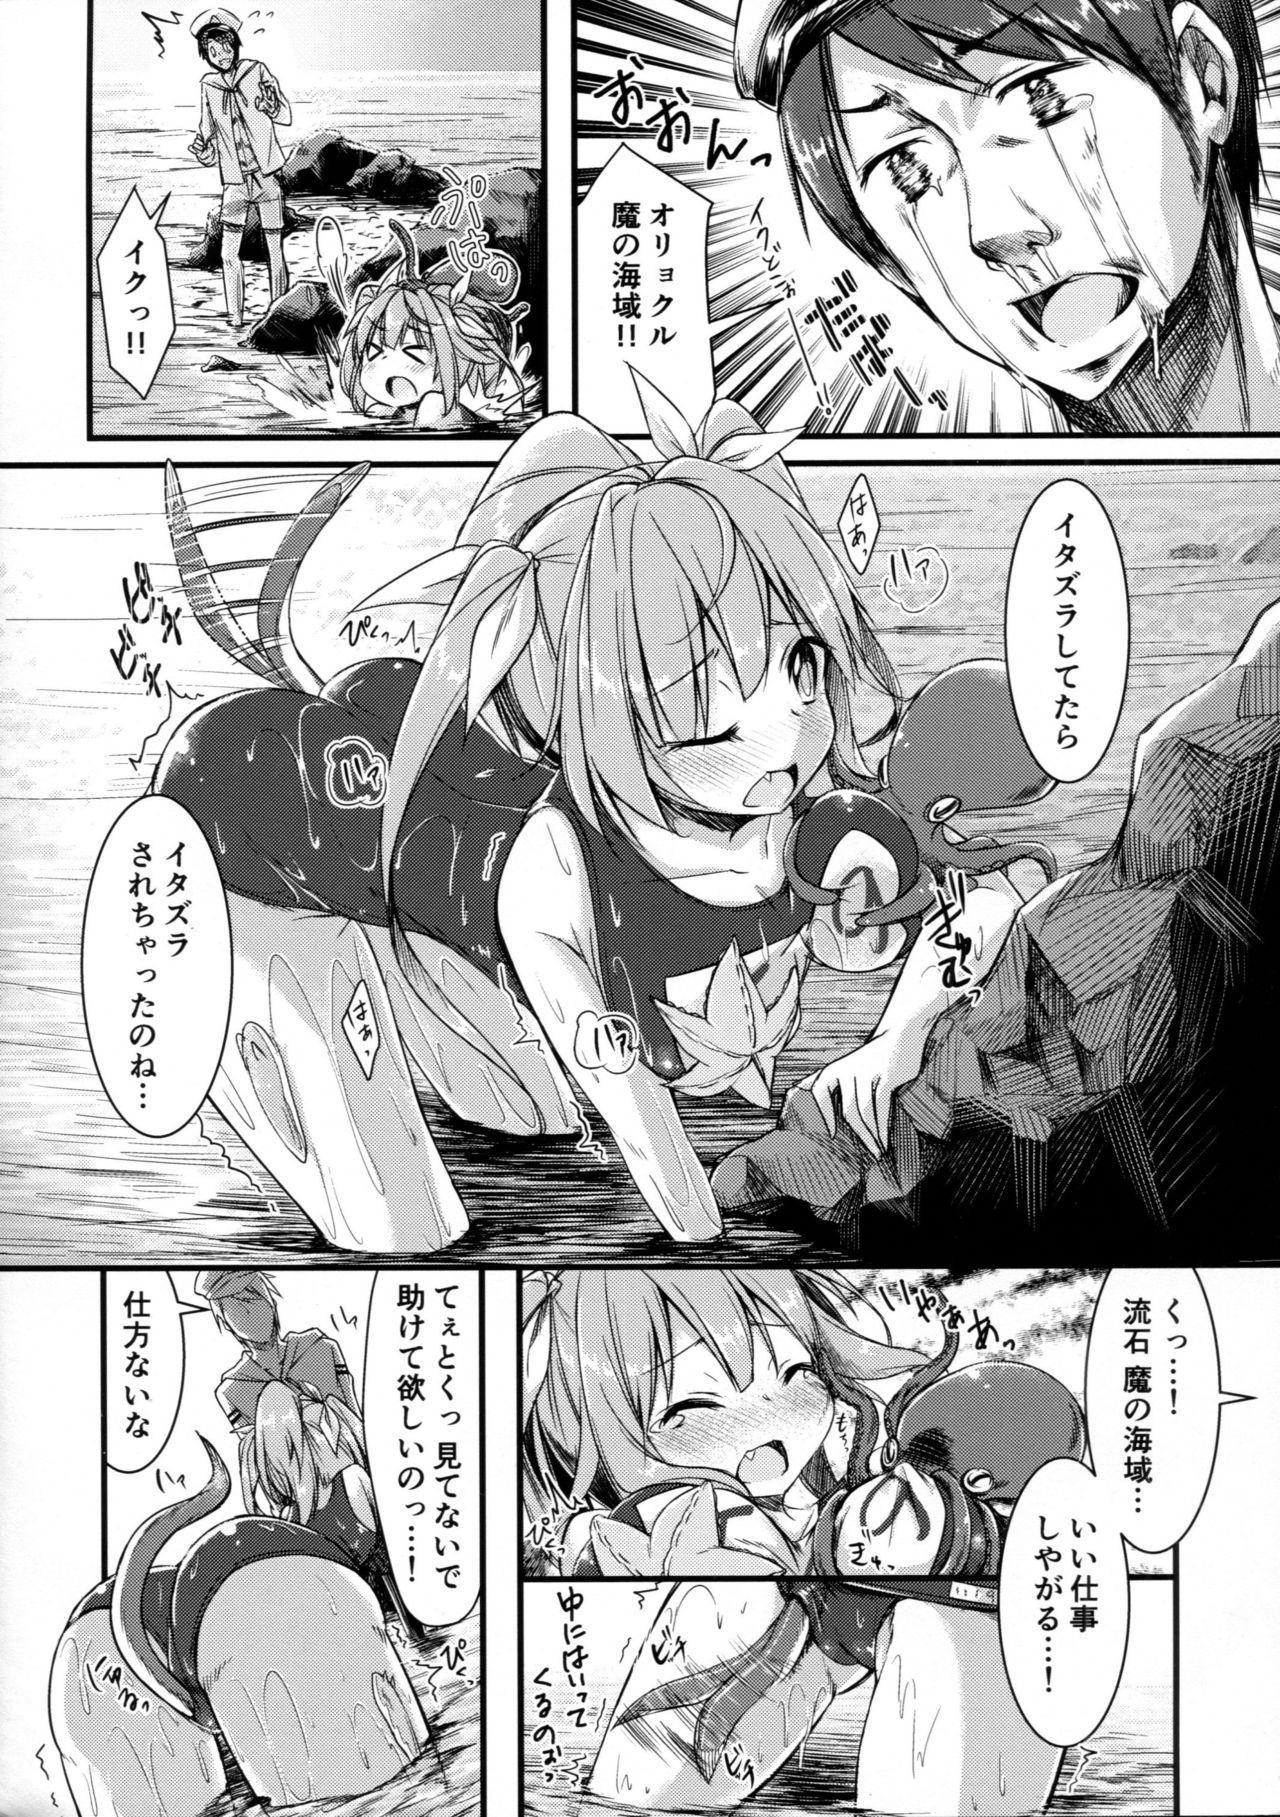 Iku to isshoni  Oryokuru Iku no!! 2 6